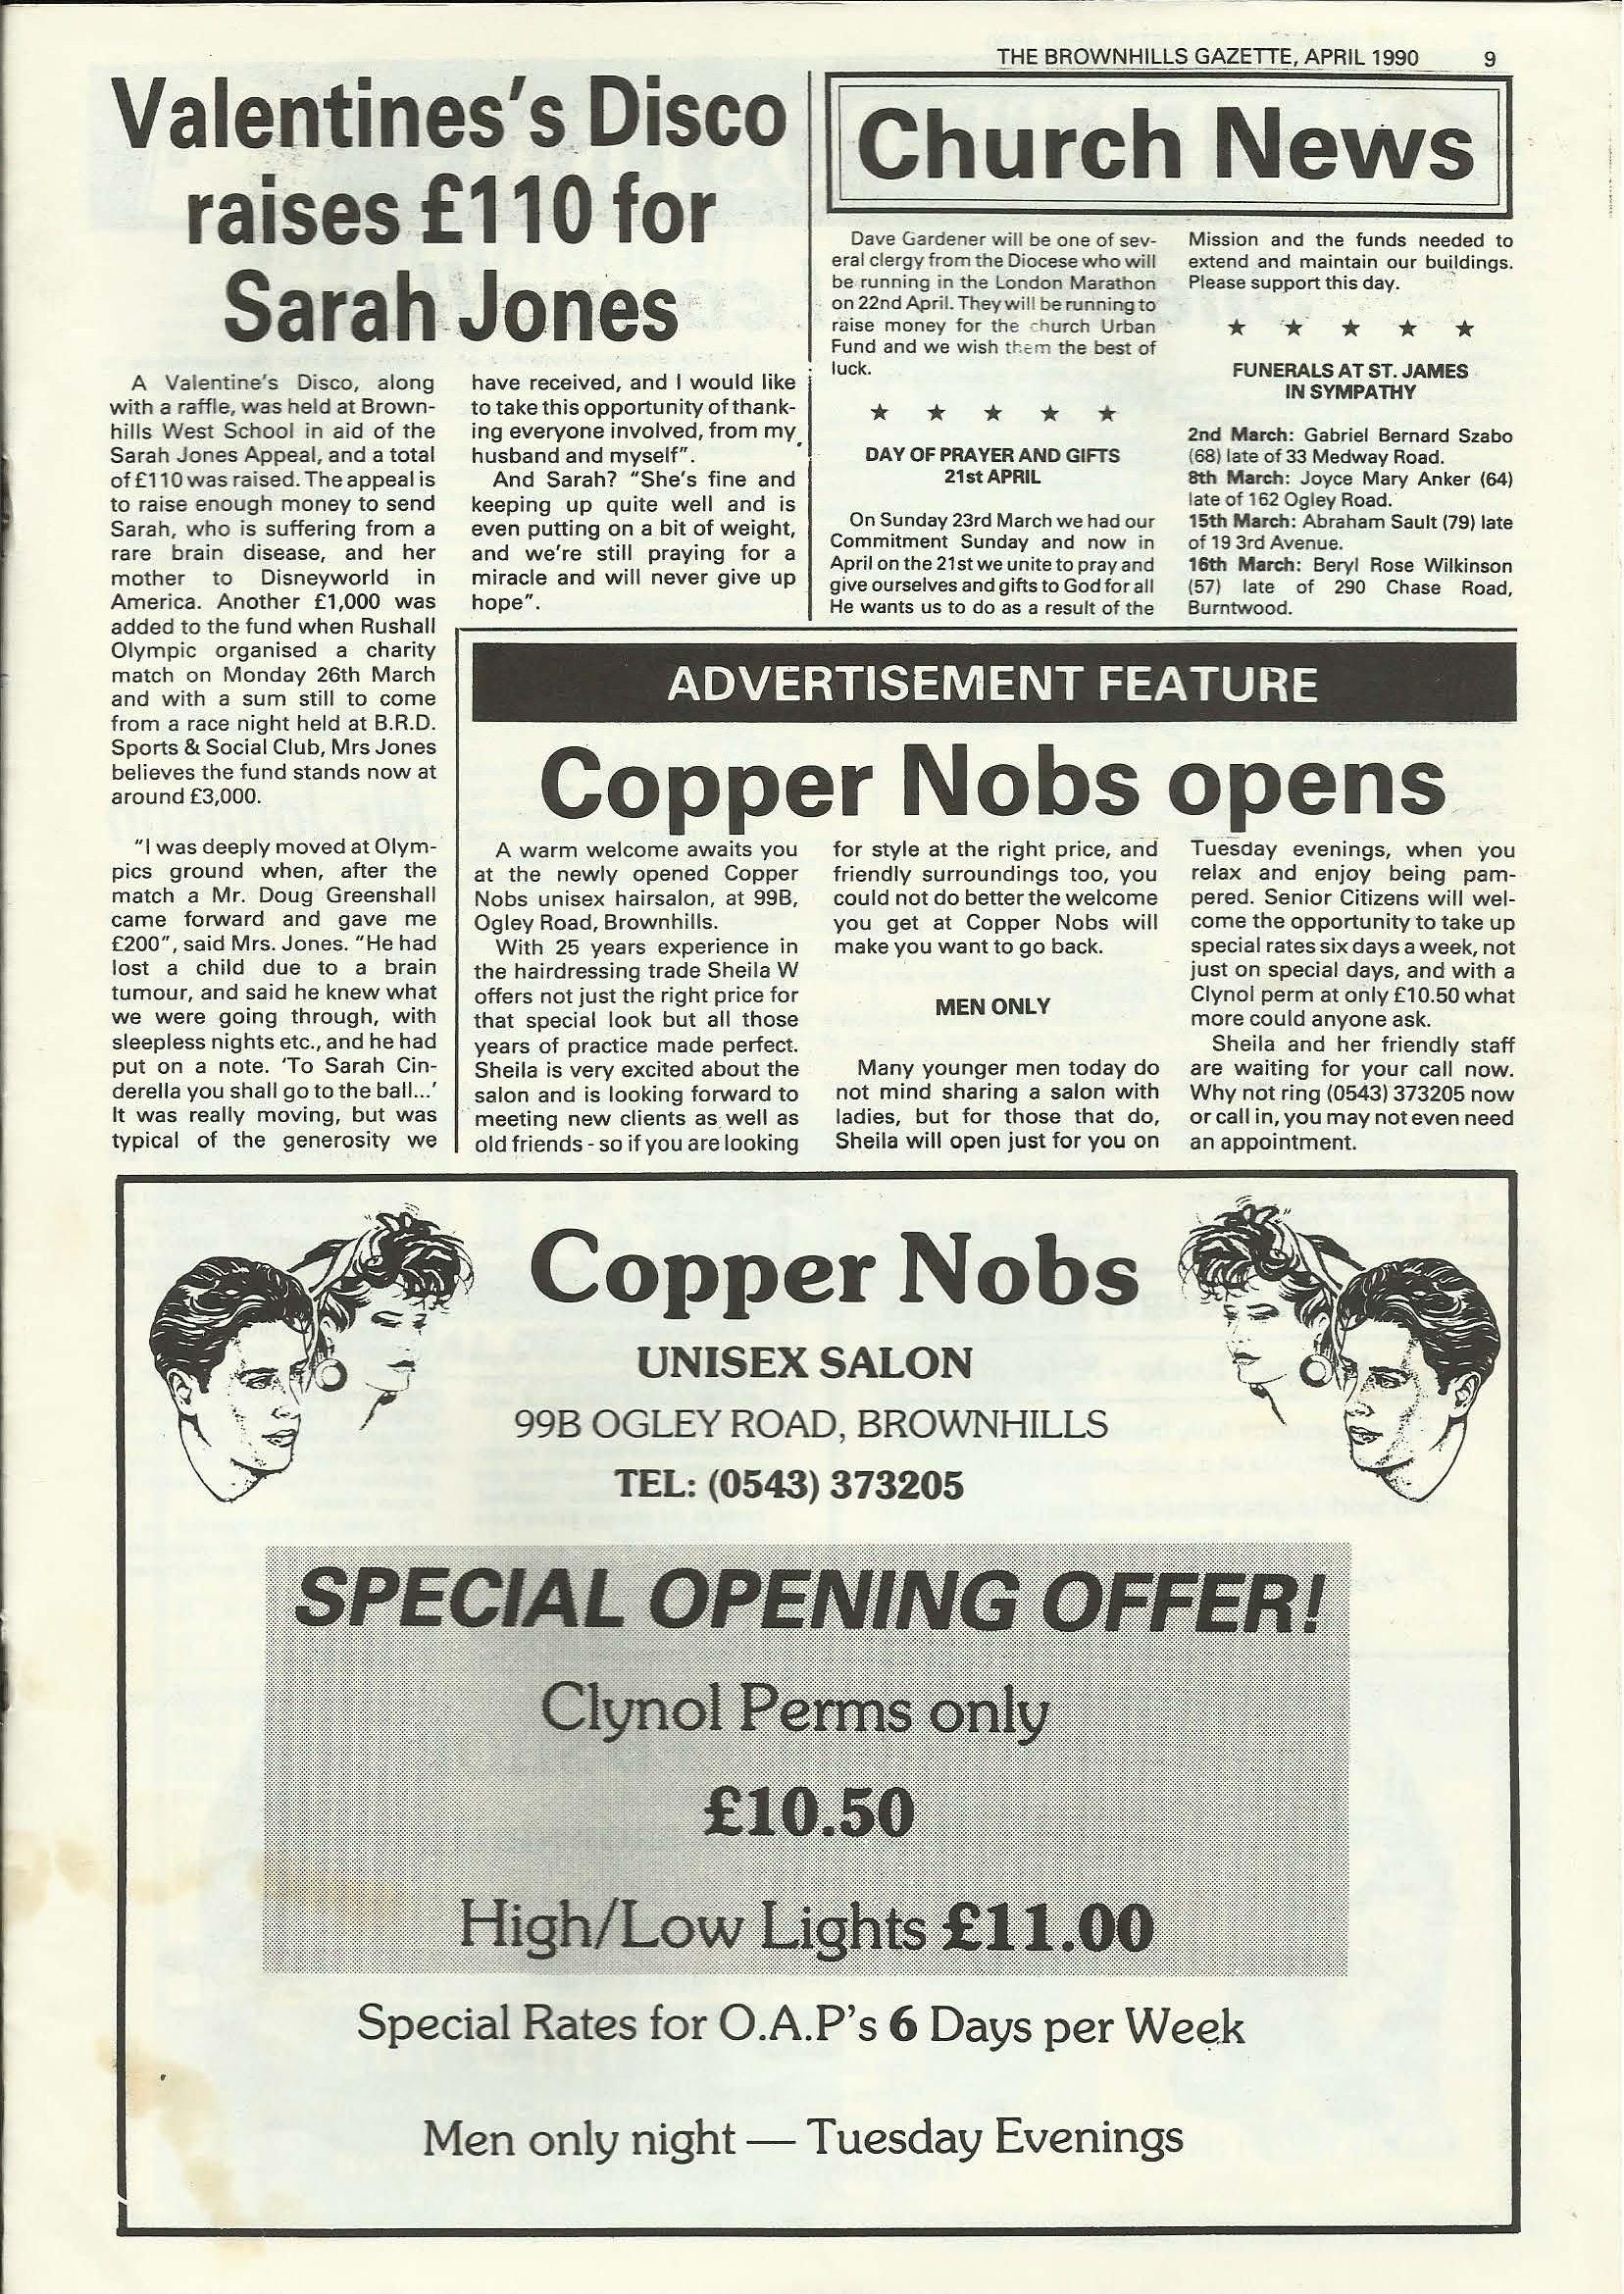 Brownhills Gazette April 1990 issue 7_000009